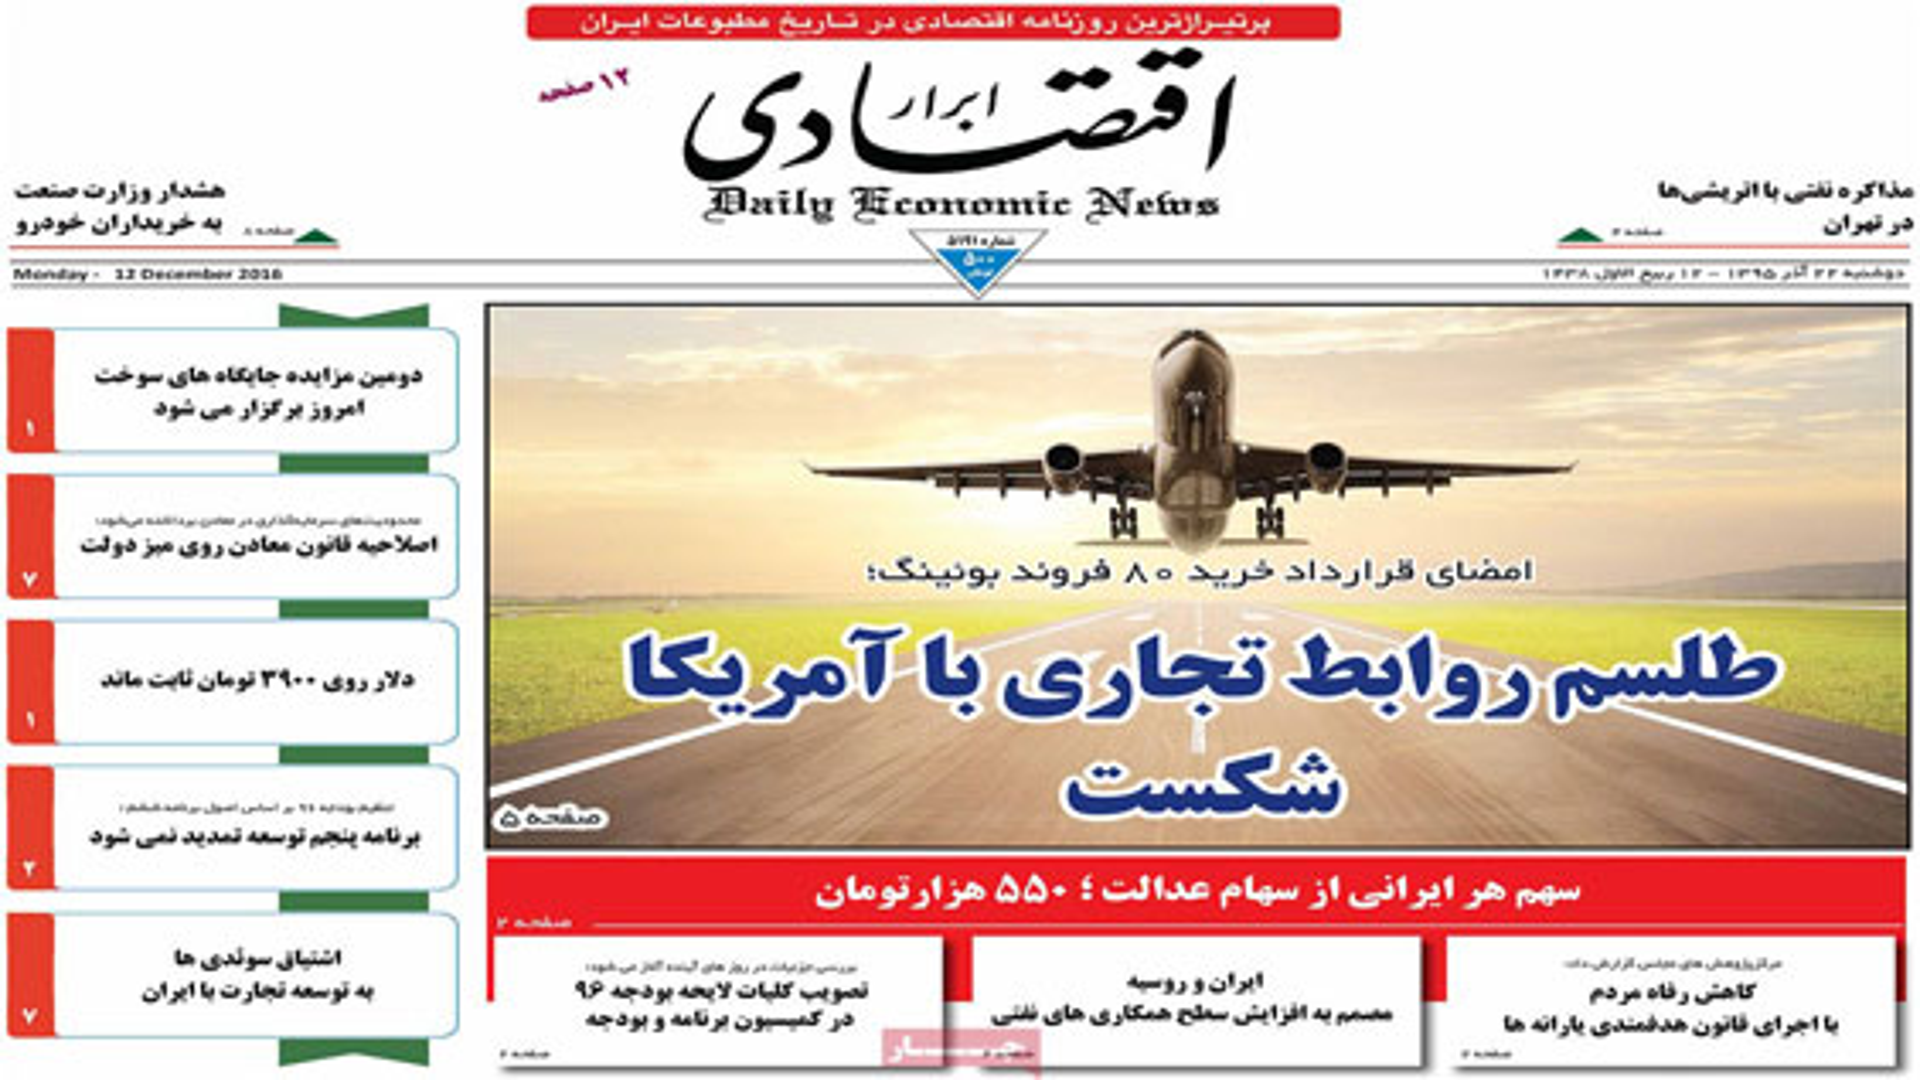 عناوین روزنامههای اقتصادی دوشنبه 22 آذر | فیلم